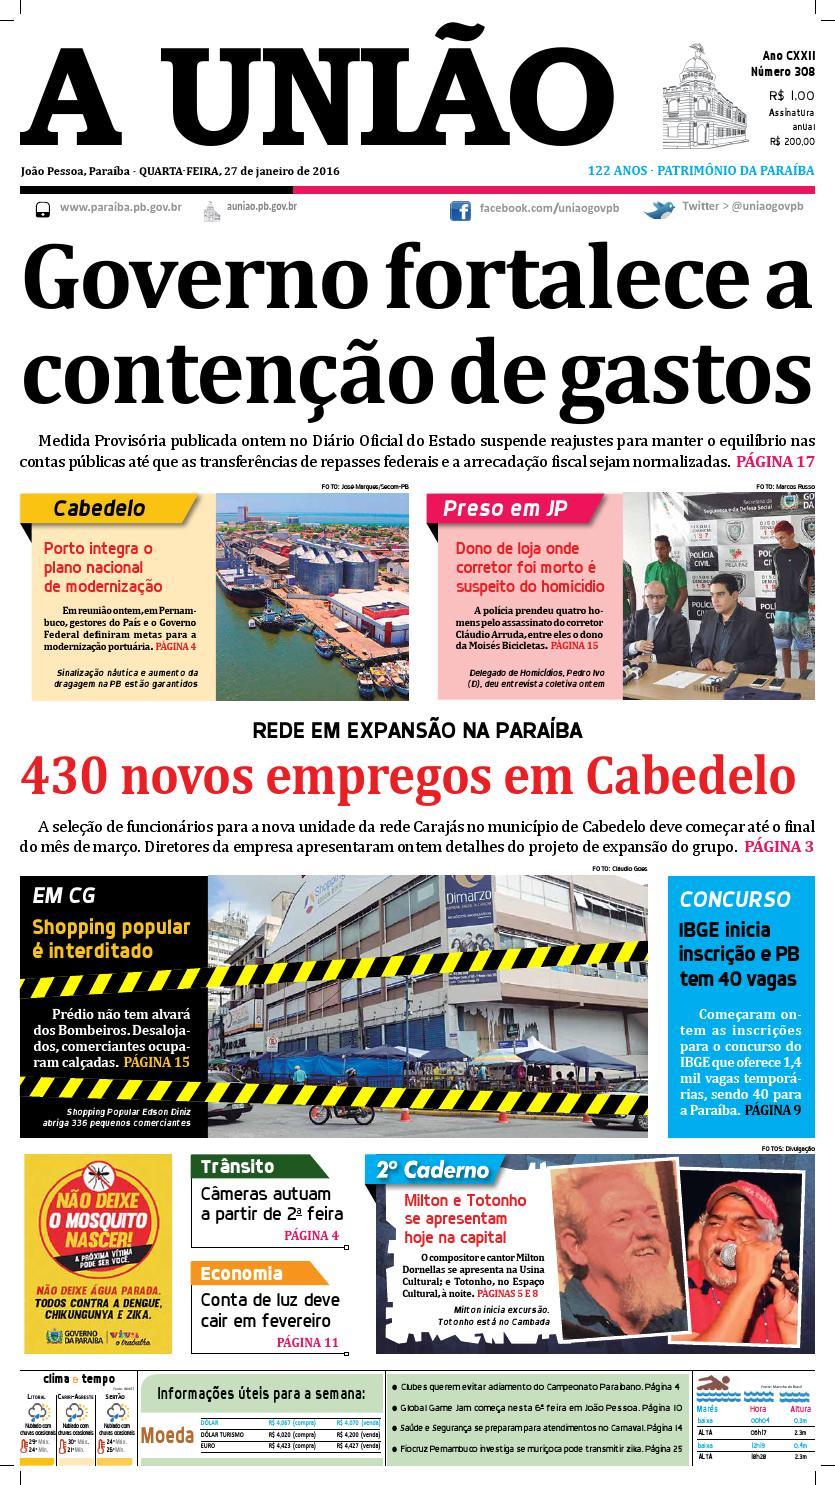 Jornal A União 27 01 16 by Jornal A União - issuu 0450ee4a8a5e3